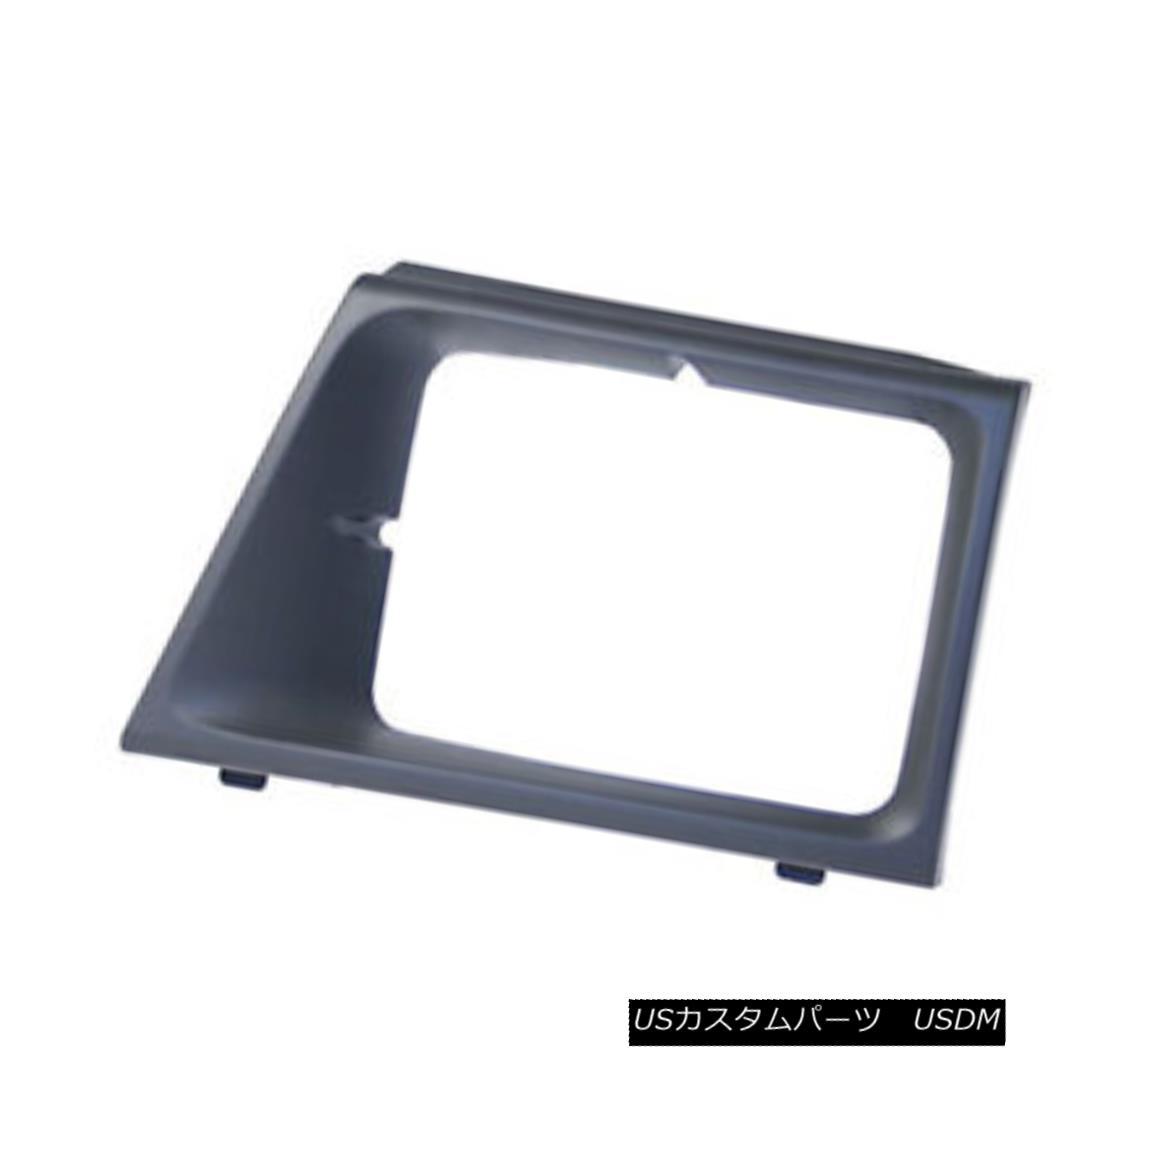 グリル New Headlight Door Matte Grey Driver Side Use w/Sealed Beam Lamps 630-00989L 新しいヘッドライトドアマットグレードライバーサイドシールド付きシールドランプ630-00989L